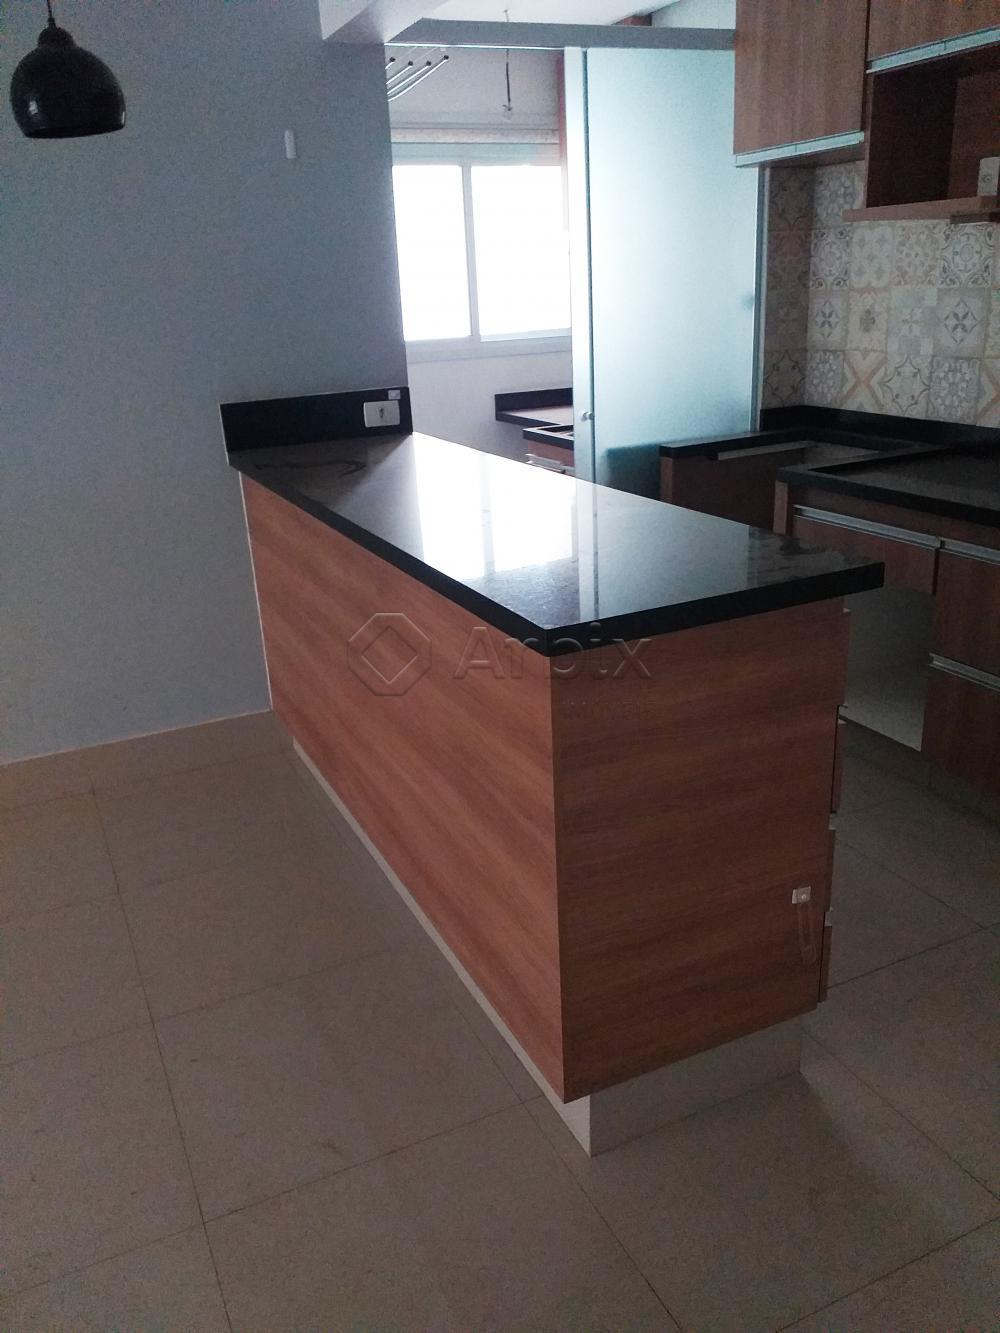 Comprar Apartamento / Padrão em Americana apenas R$ 324.000,00 - Foto 3